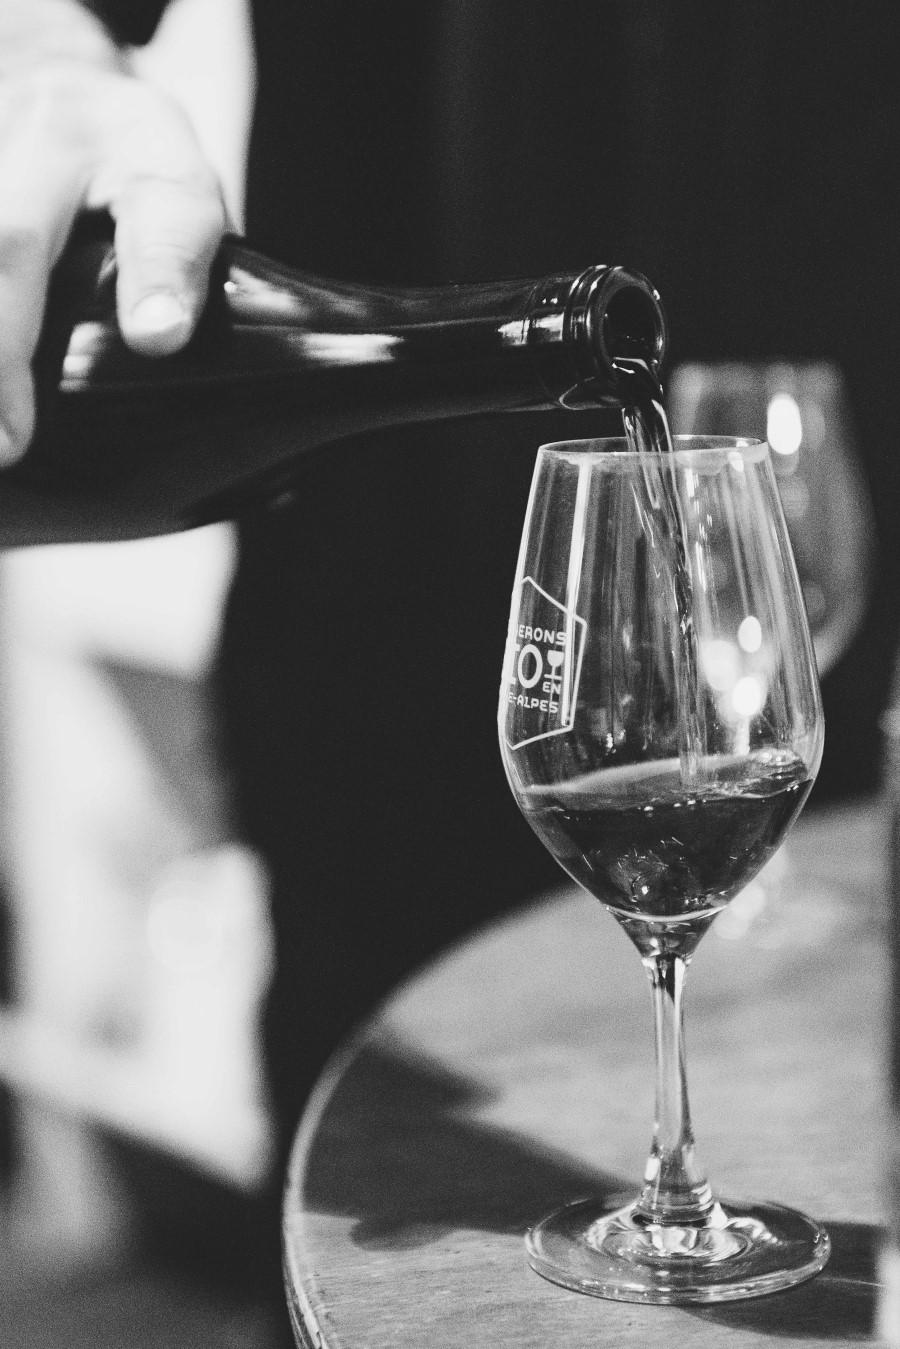 Degustation de vins de Rhone-Alpes pour Inv'action 2016